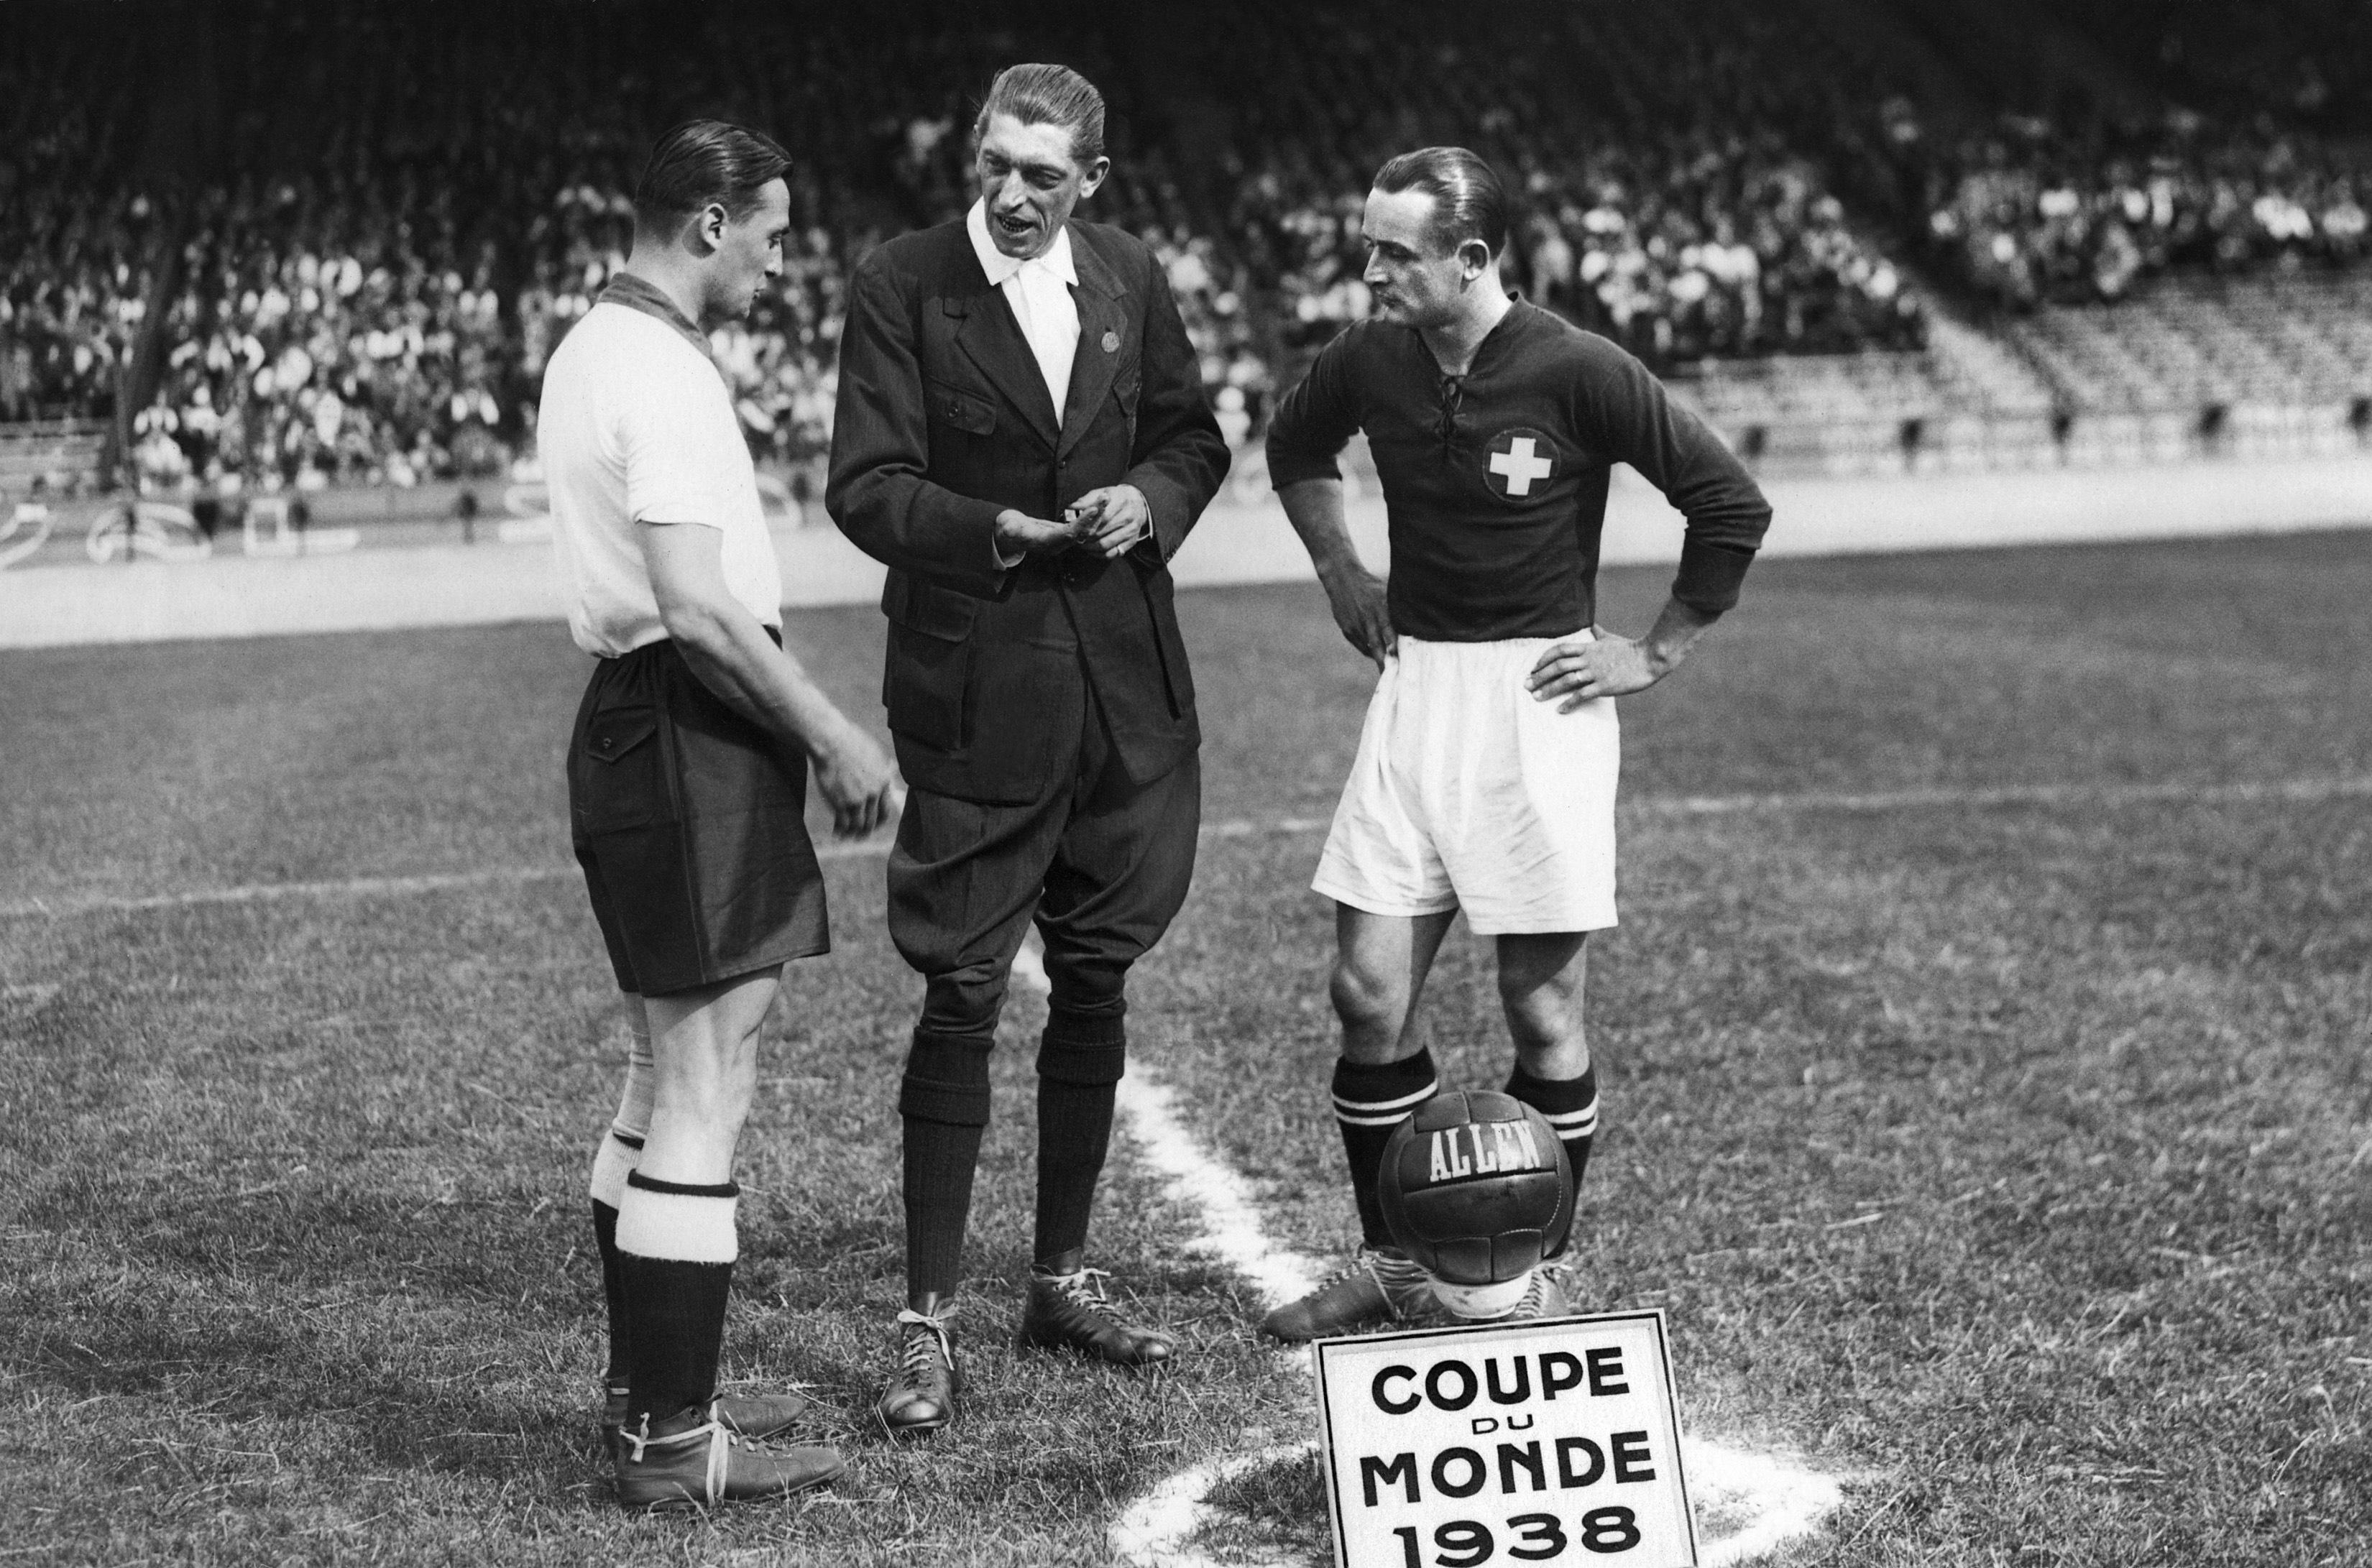 Severino Minelli galt als einer der weltbesten Abwehrspieler seiner Zeit. Mit Servette und GC sammelte er total 6 Meistertitel und 8 Cupsiege. 1934 und 1938 nahm er mit der Nati an der EM teil. Seine 80 Länderspiele waren bis 1956 Weltrekord.